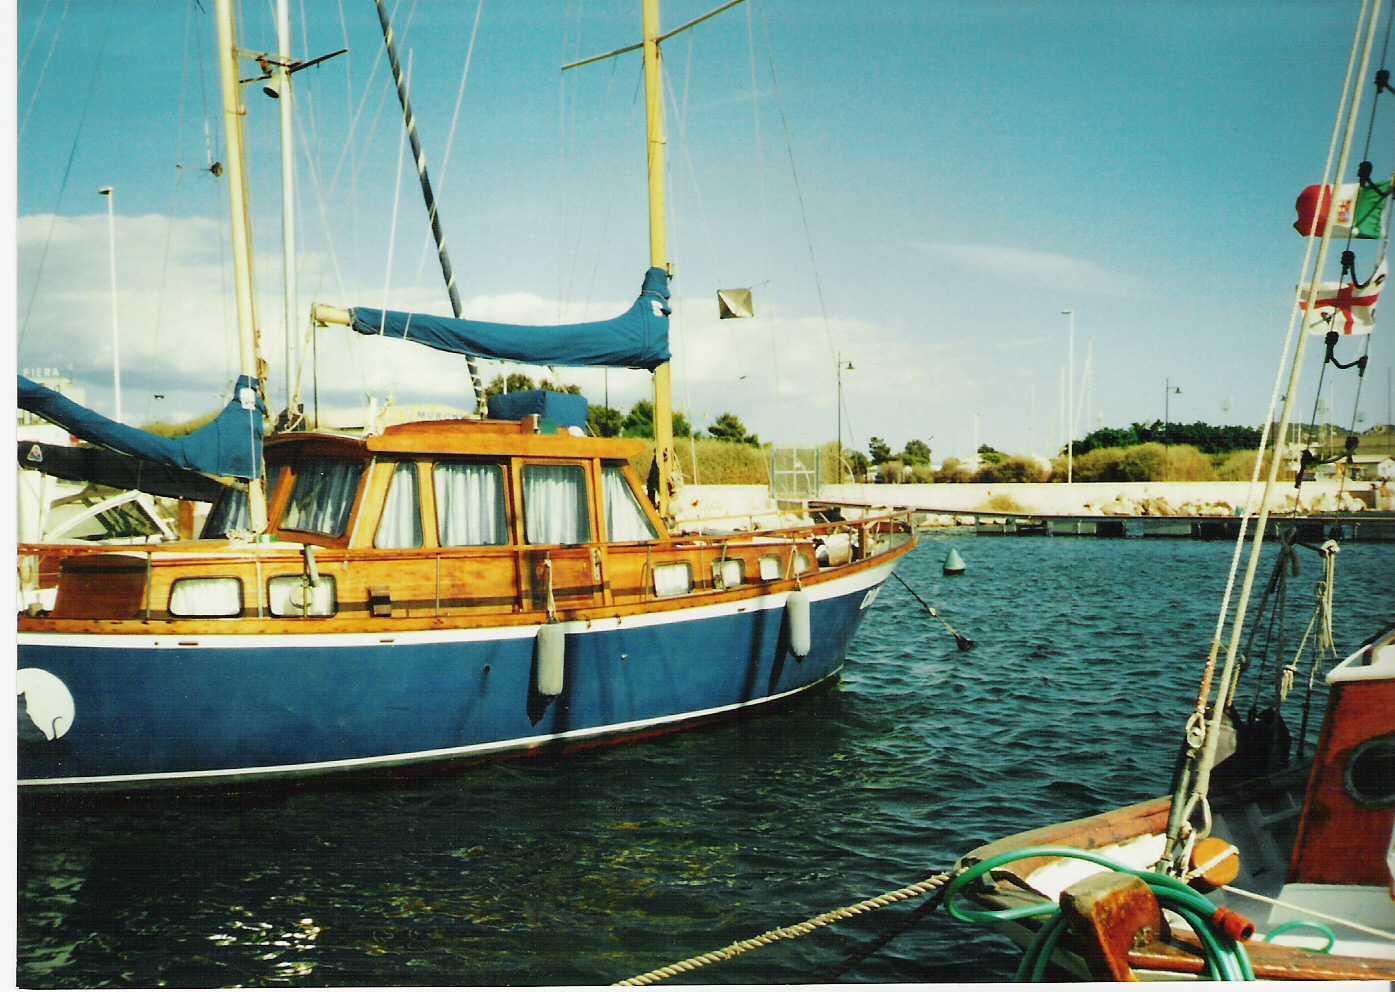 Affitto barca mare cagliari